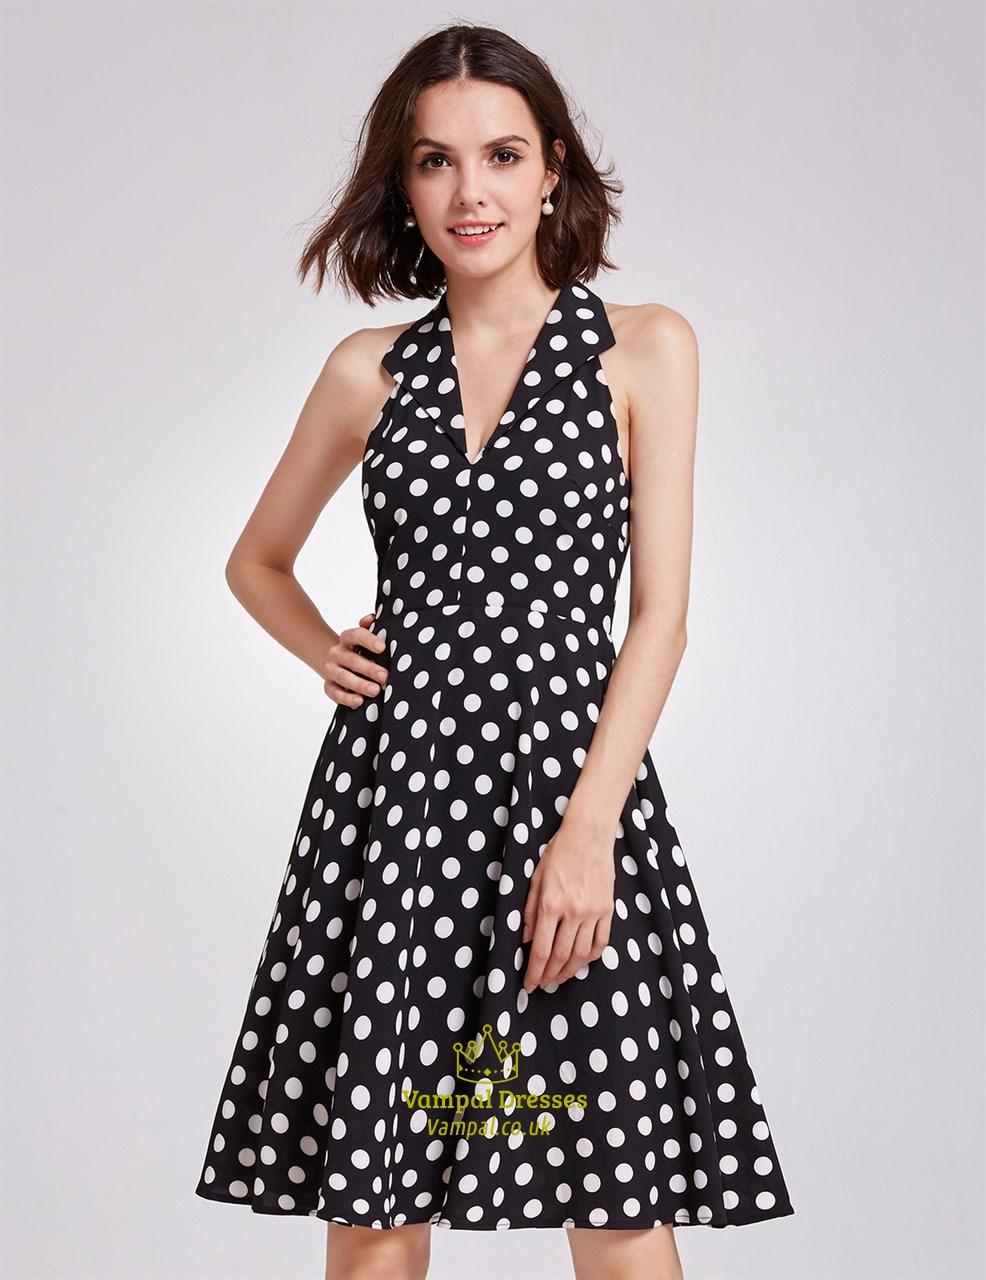 55fd952fac18 Sleeveless Black And White Polka Dot Knee Length V-Neck A-Line Dress SKU  -FS2959